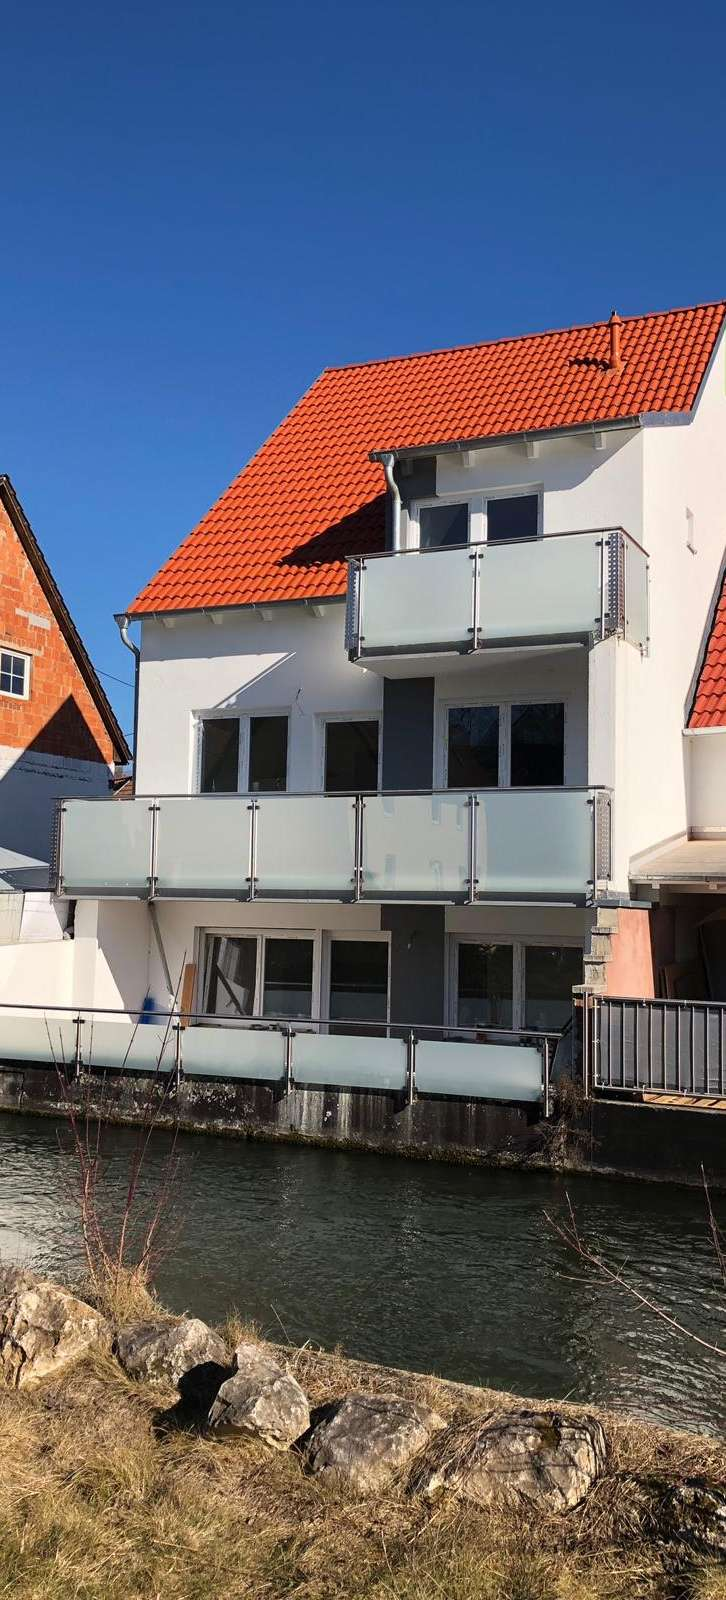 2 Wohnungen (1 als WG) in Burgau zu vermieten (Neubau, Erstbezug)